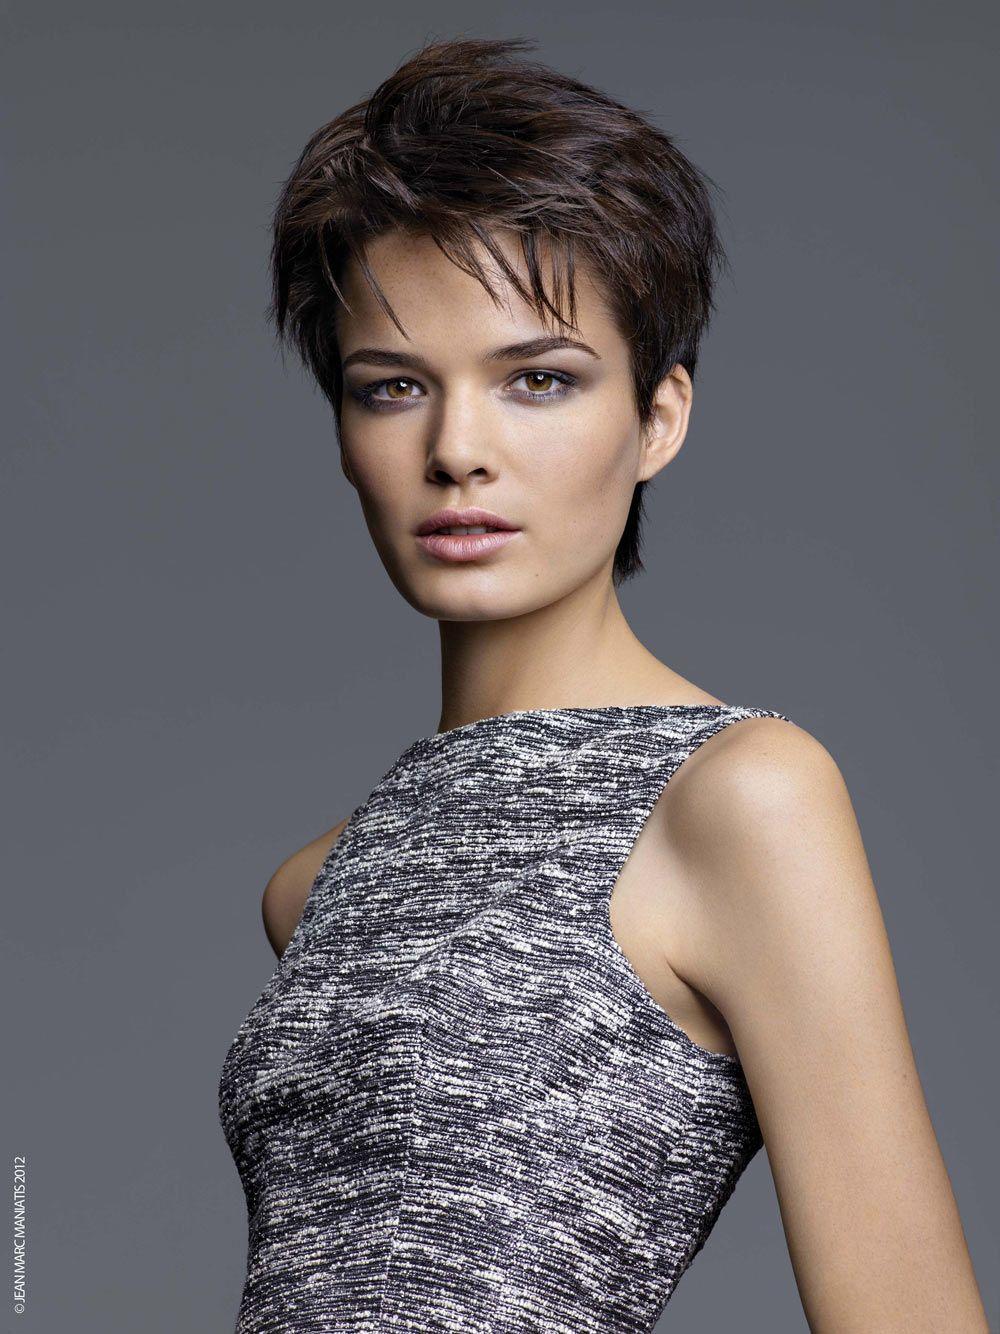 Les coupes de cheveux courtes pour femmes blog headband - Pinterest coiffure femme ...